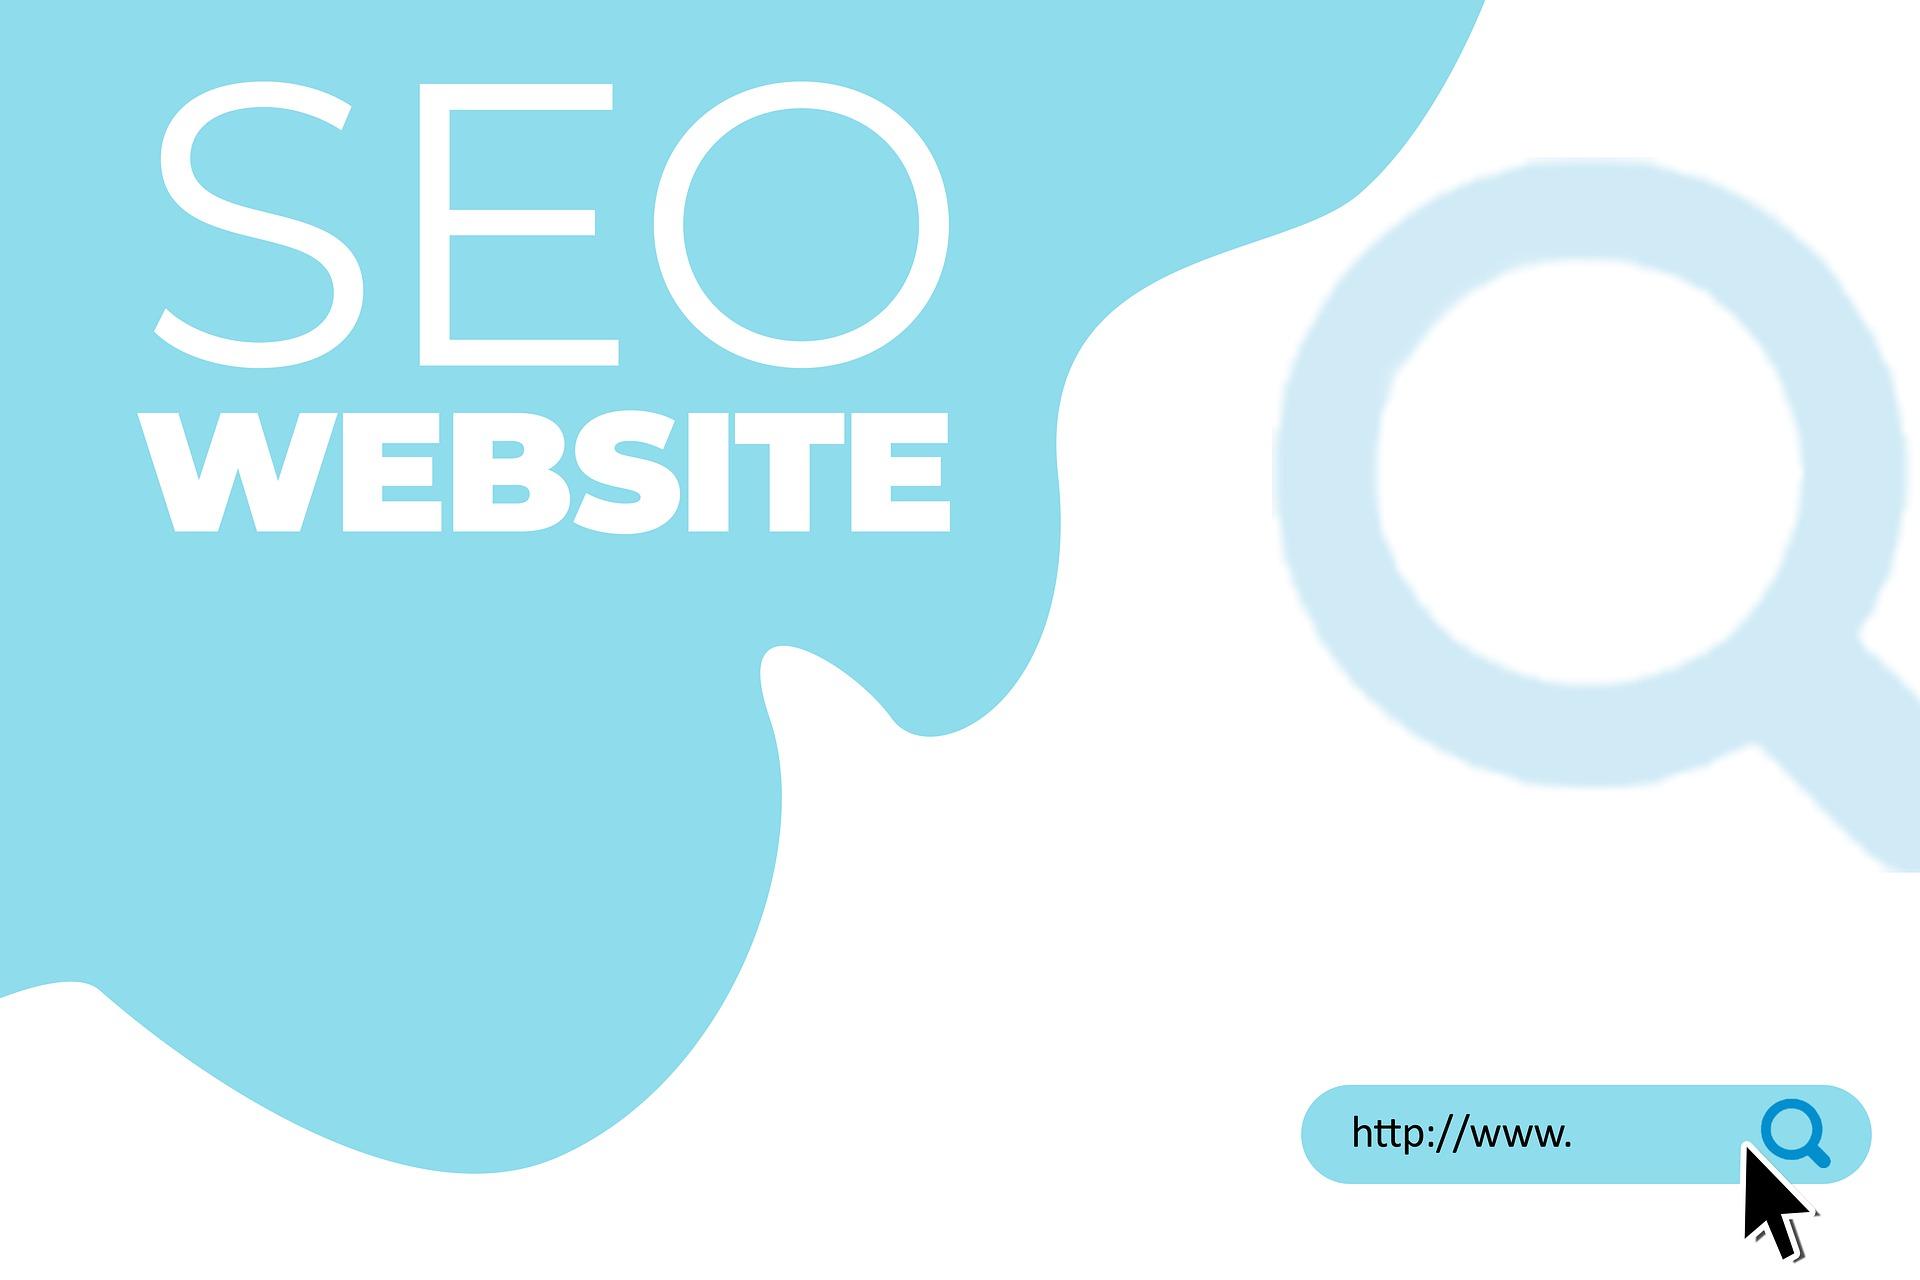 web design 4875190 1920 1